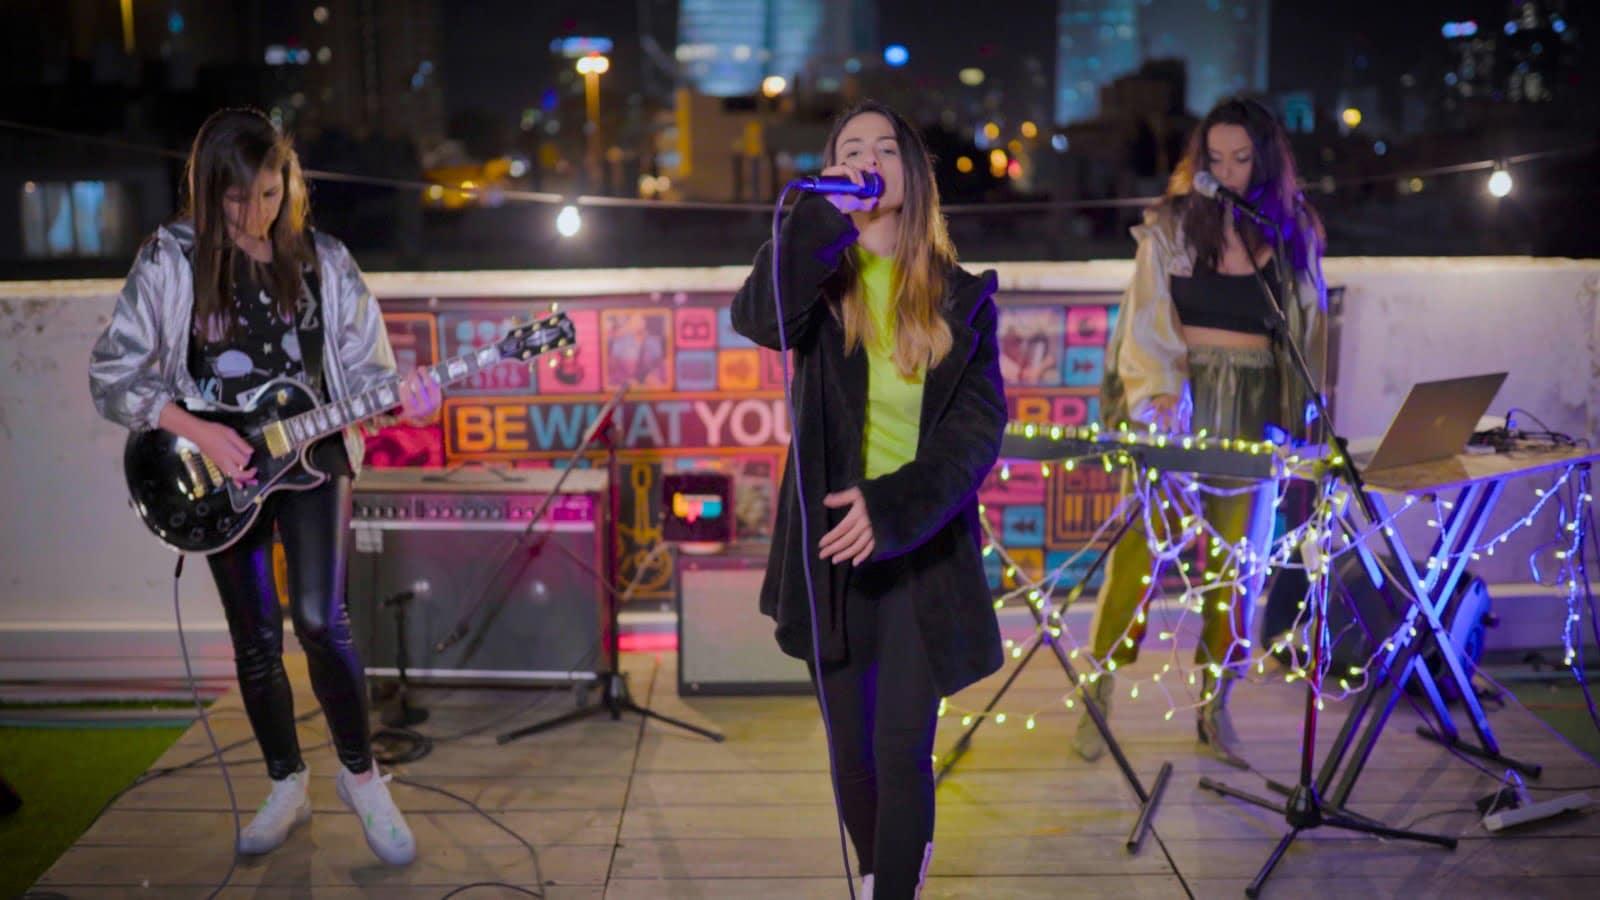 בנות הטום מבצעות את 'יפו' ב-BPM @ Night